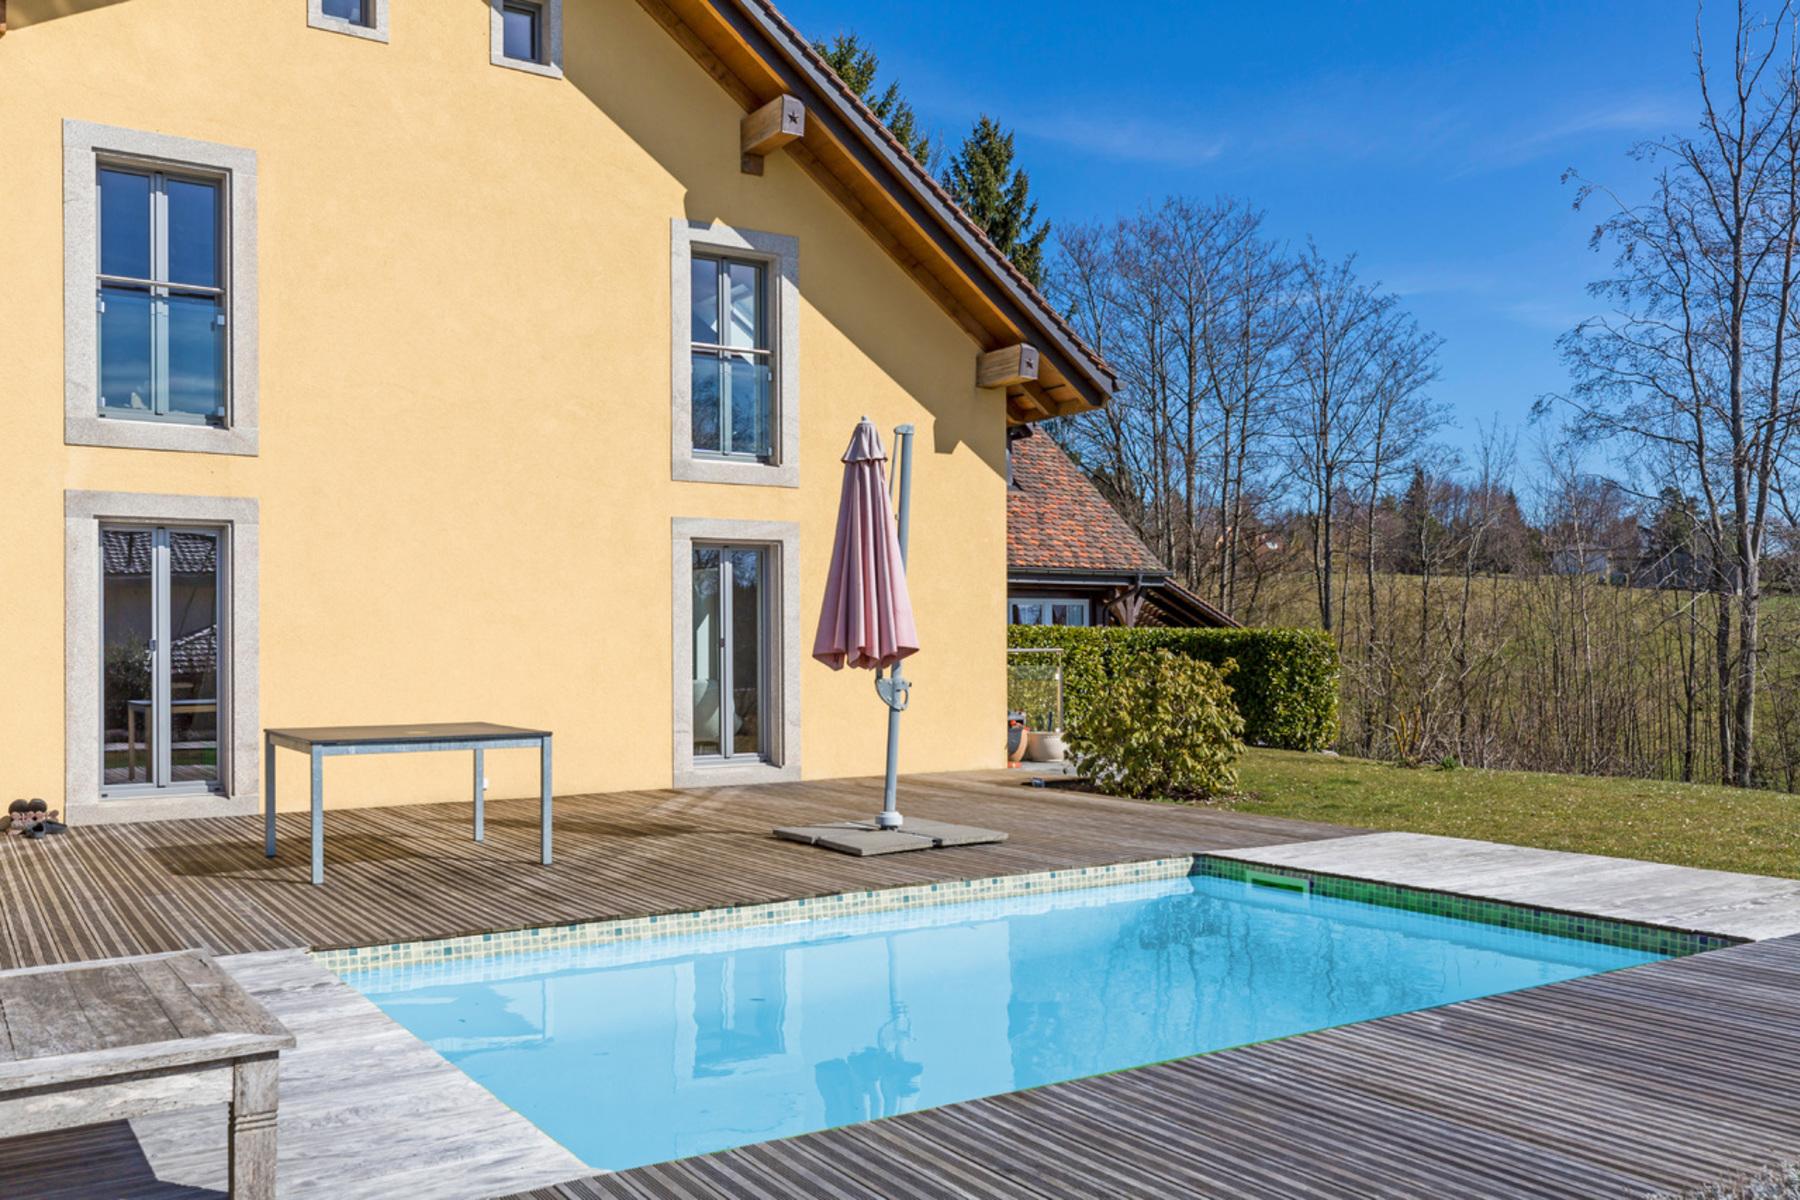 Частный односемейный дом для того Продажа на Elegant country house with 8.5 rooms on the edge of Lausanne Epalinges, Epalinges, Во, 1066 Швейцария